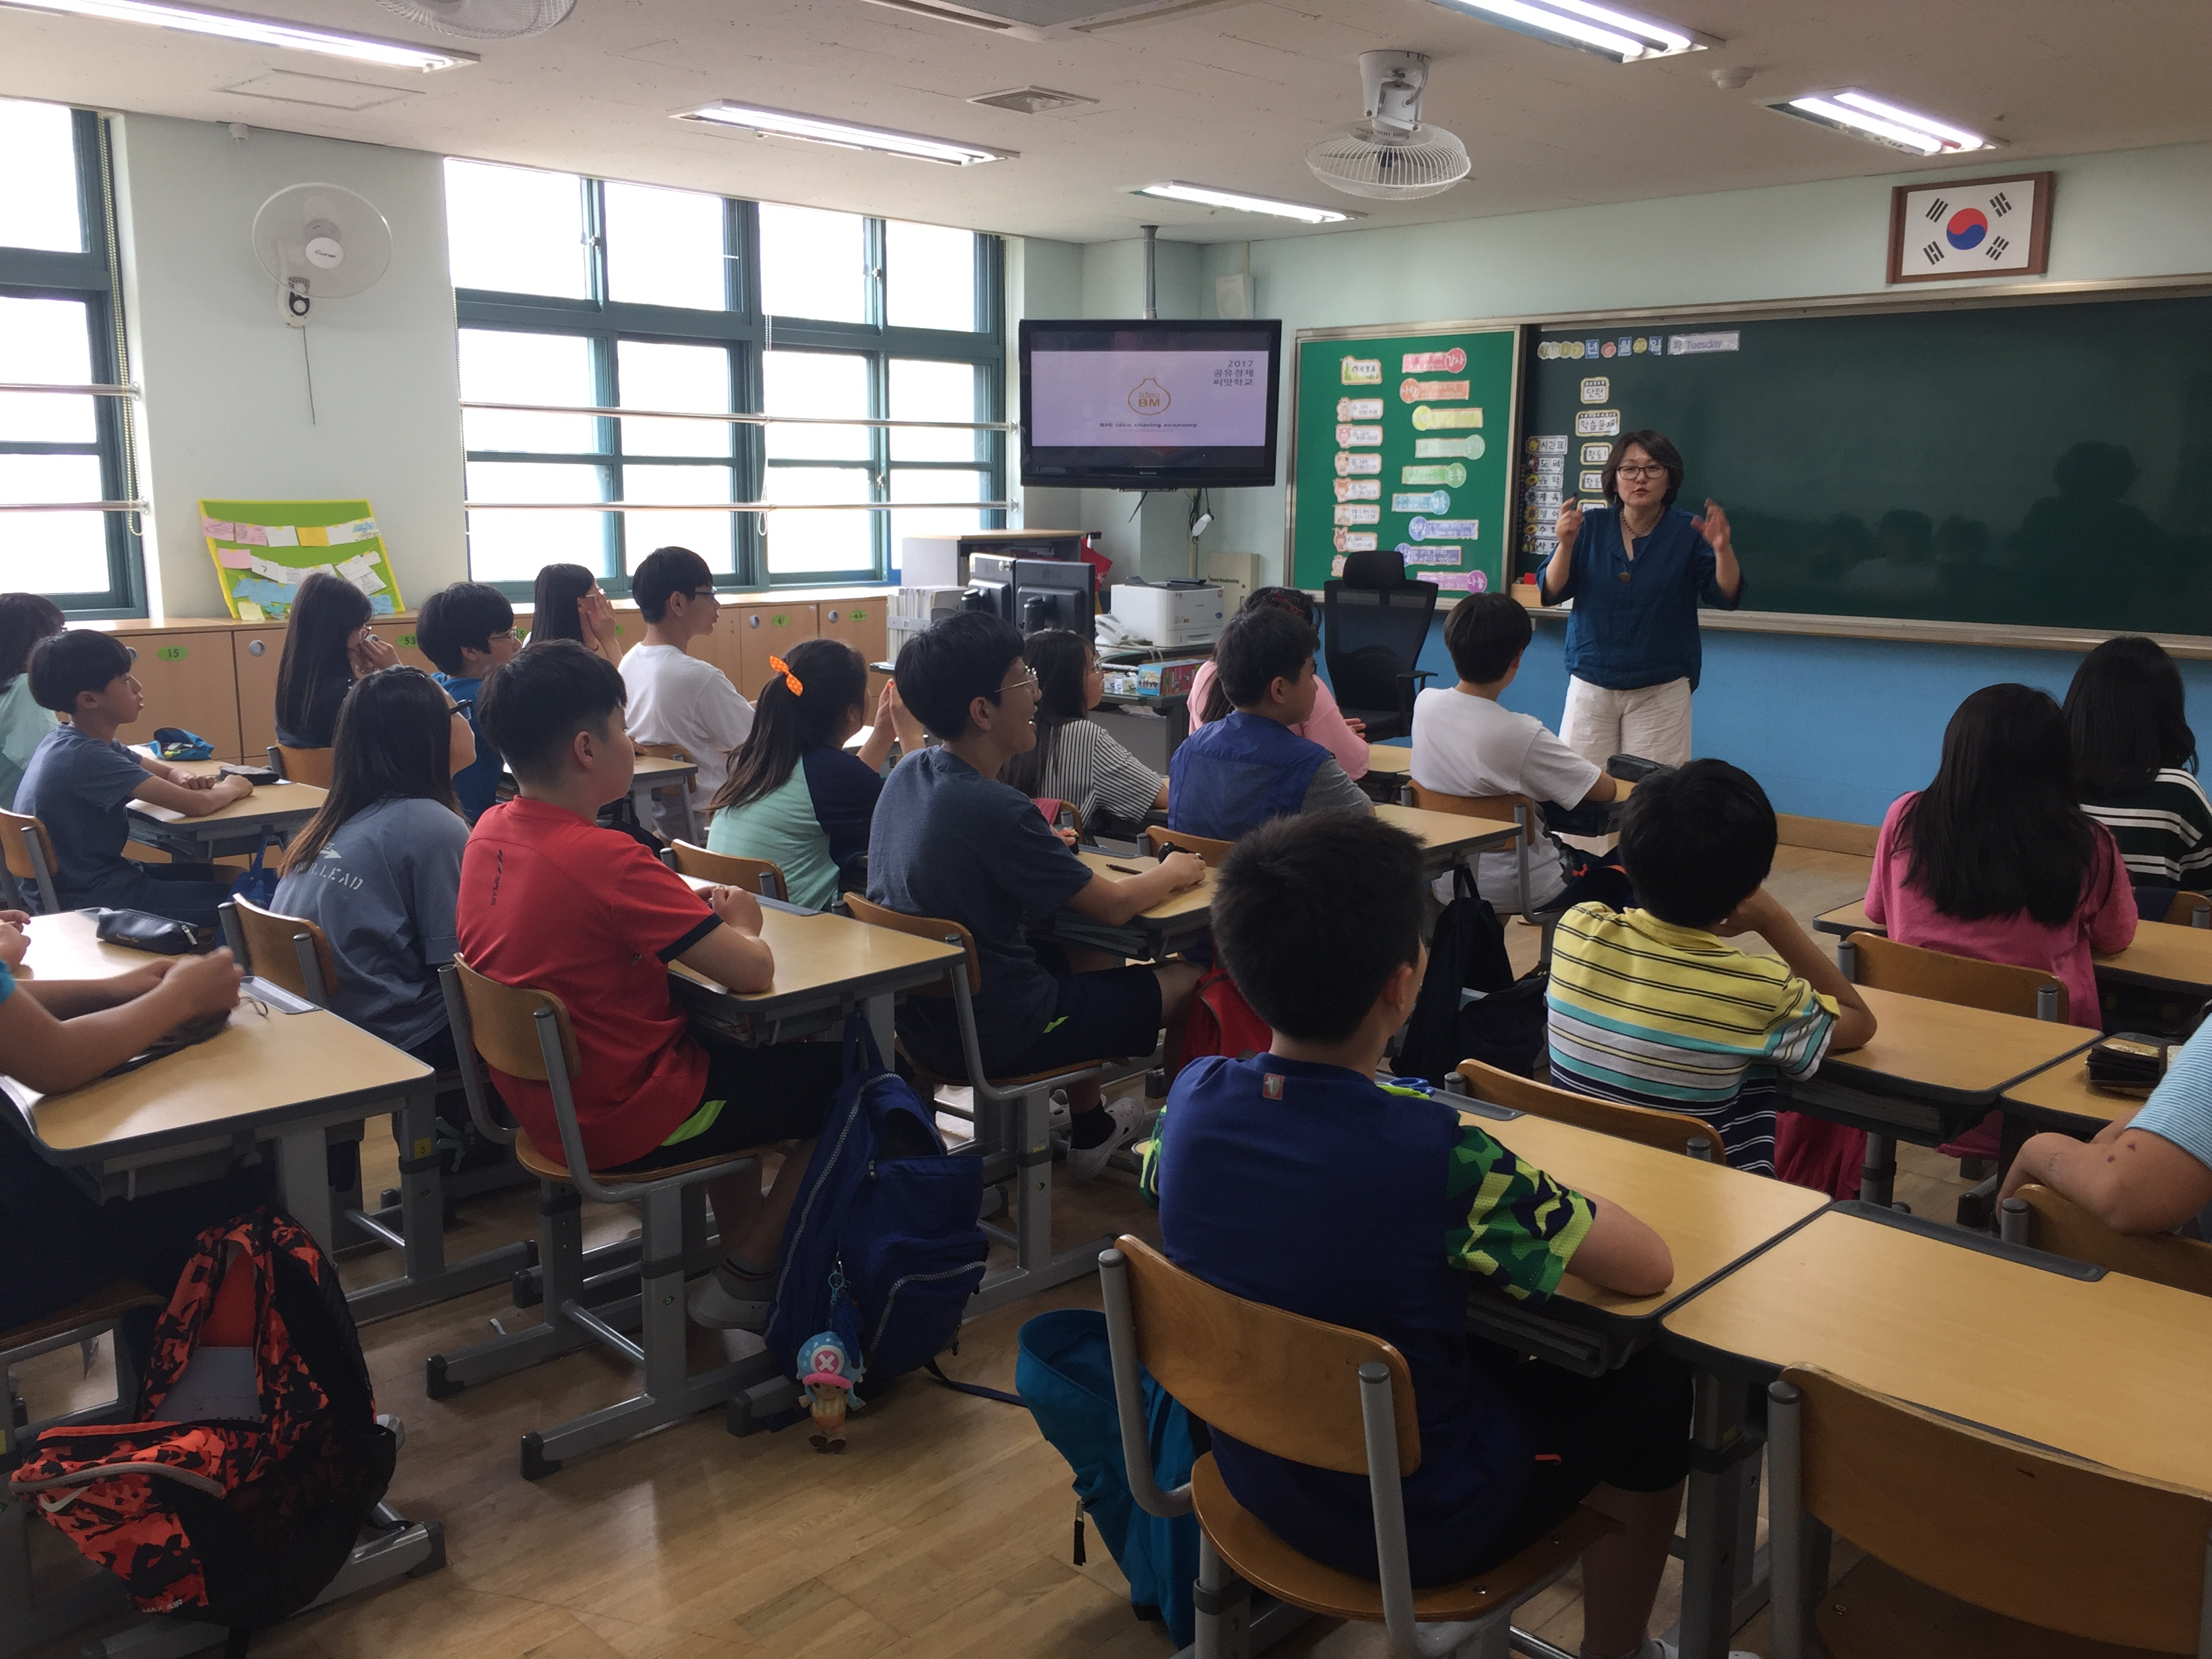 2017 06 20 은진초 공유경제교육 사진02